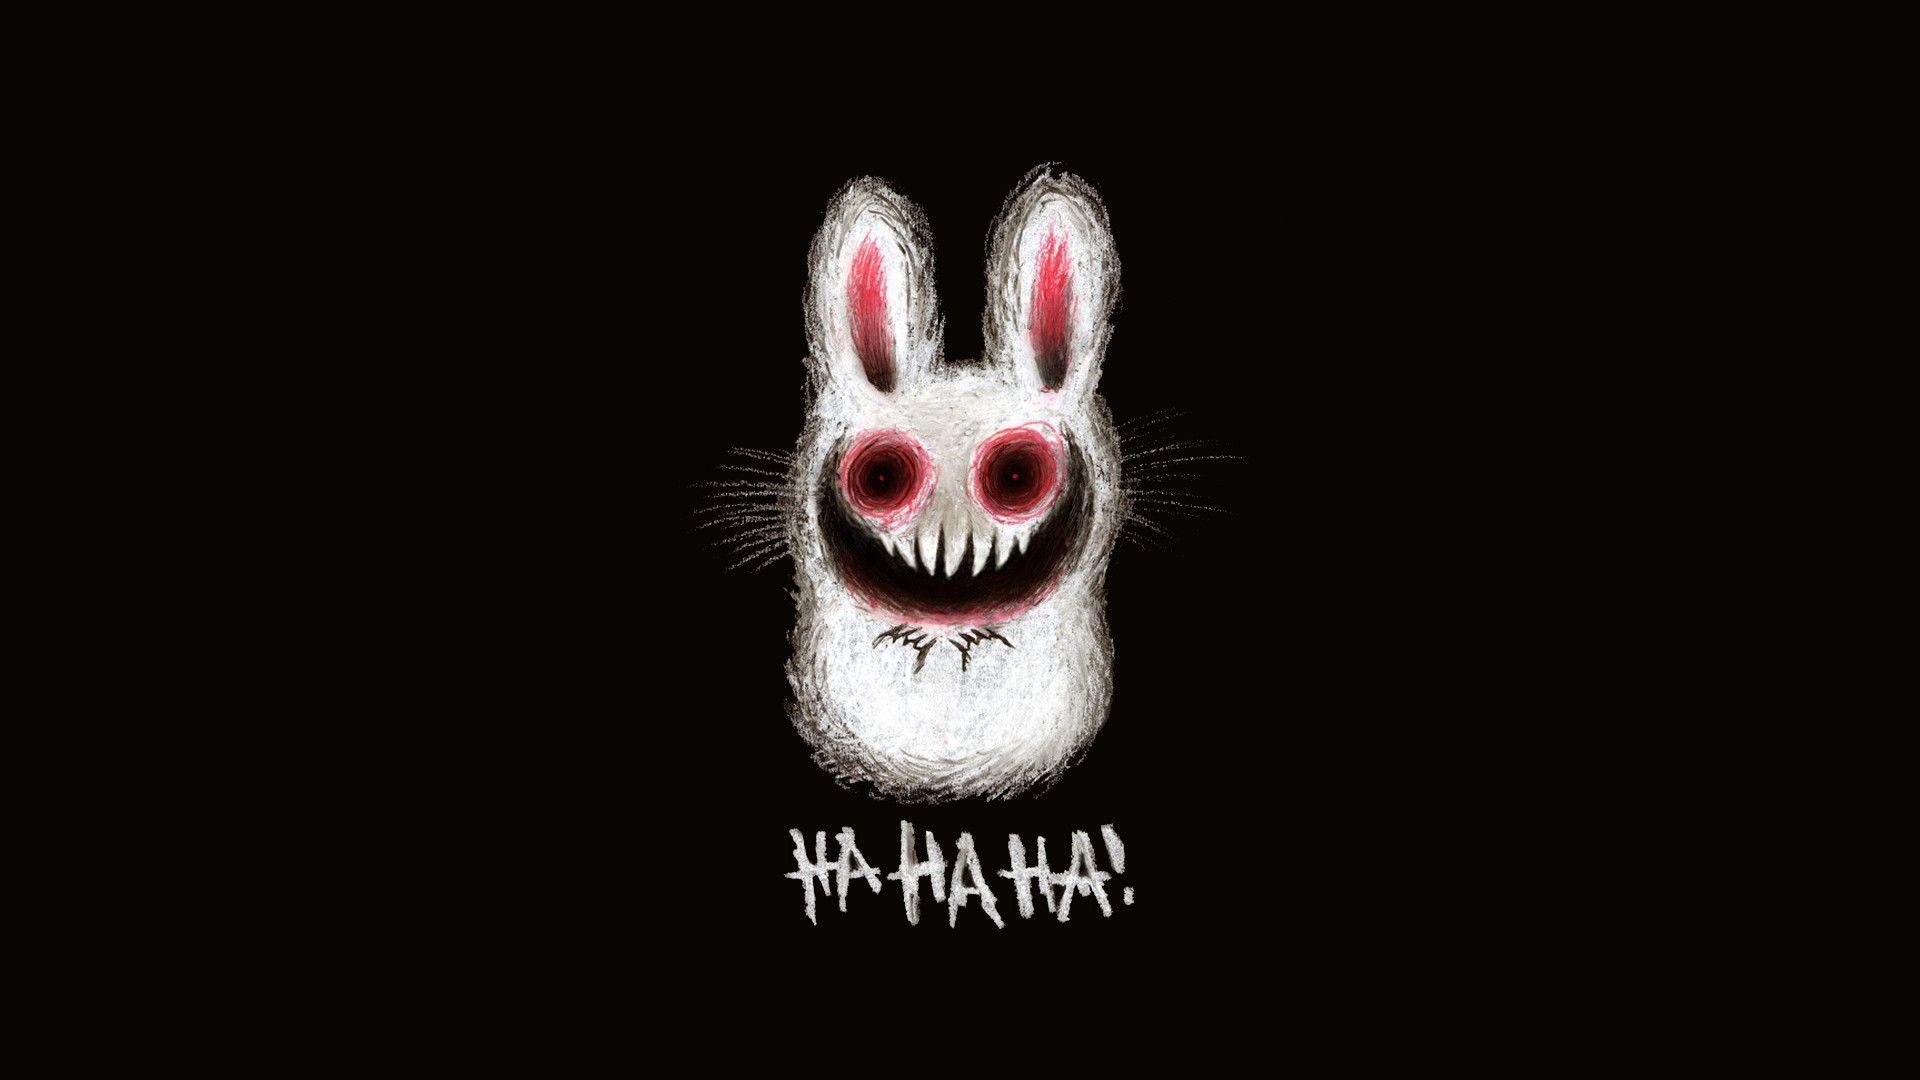 25 Cute Horror Wallpapers On Wallpapersafari